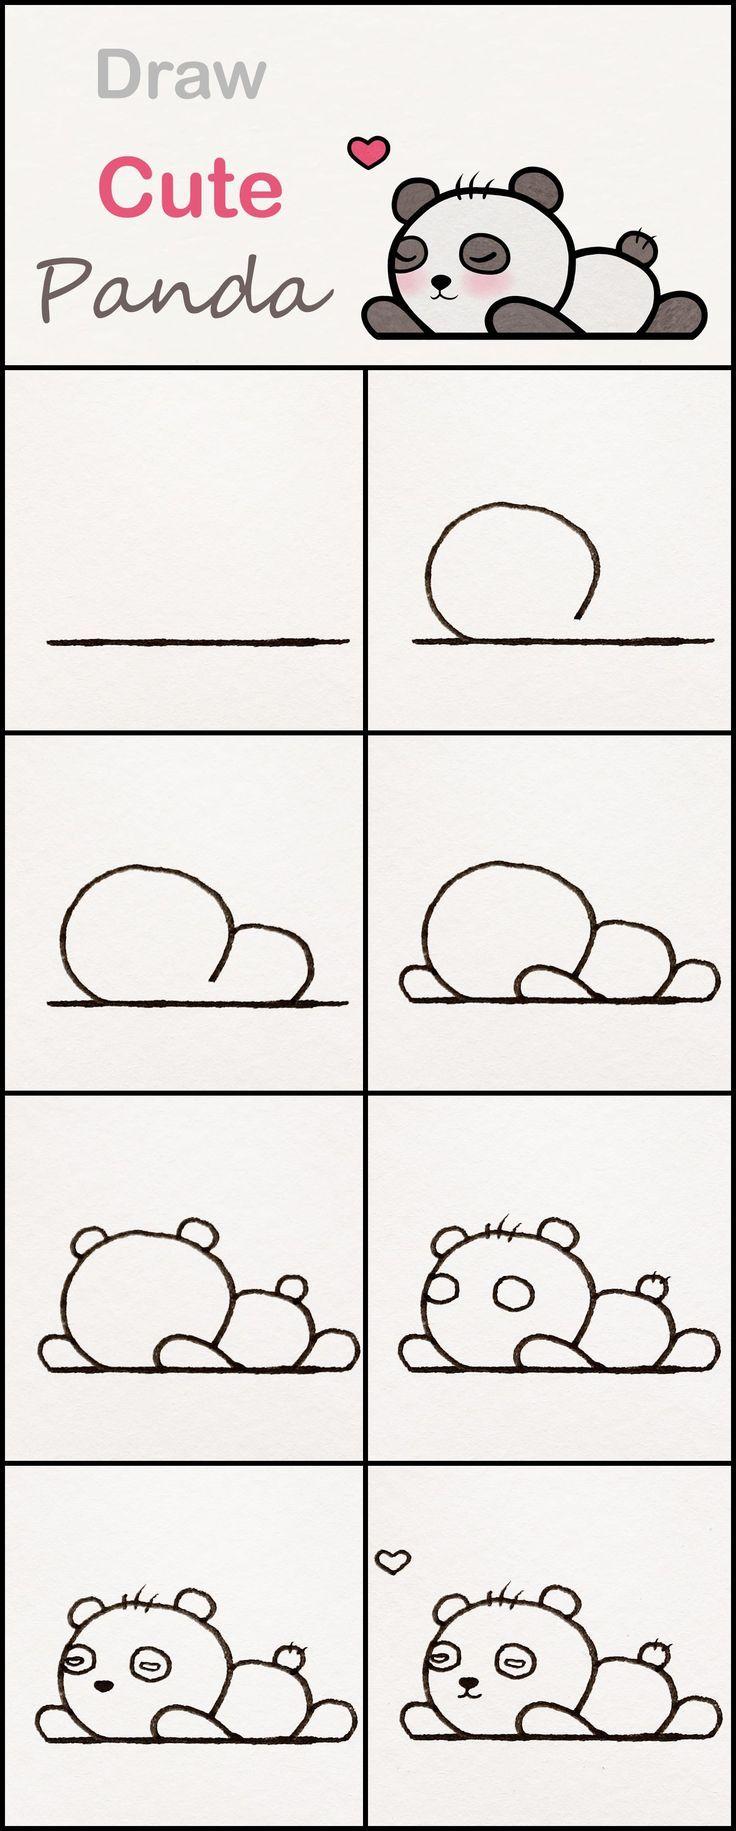 Erfahren Sie Wie Sie Schritt Fur Schritt Ein Susses Panda Baby Zeichnen Sehr Einfaches Tutorial Panda Zeichnunge Panda Zeichnen Einfach Zeichnen Baby Panda